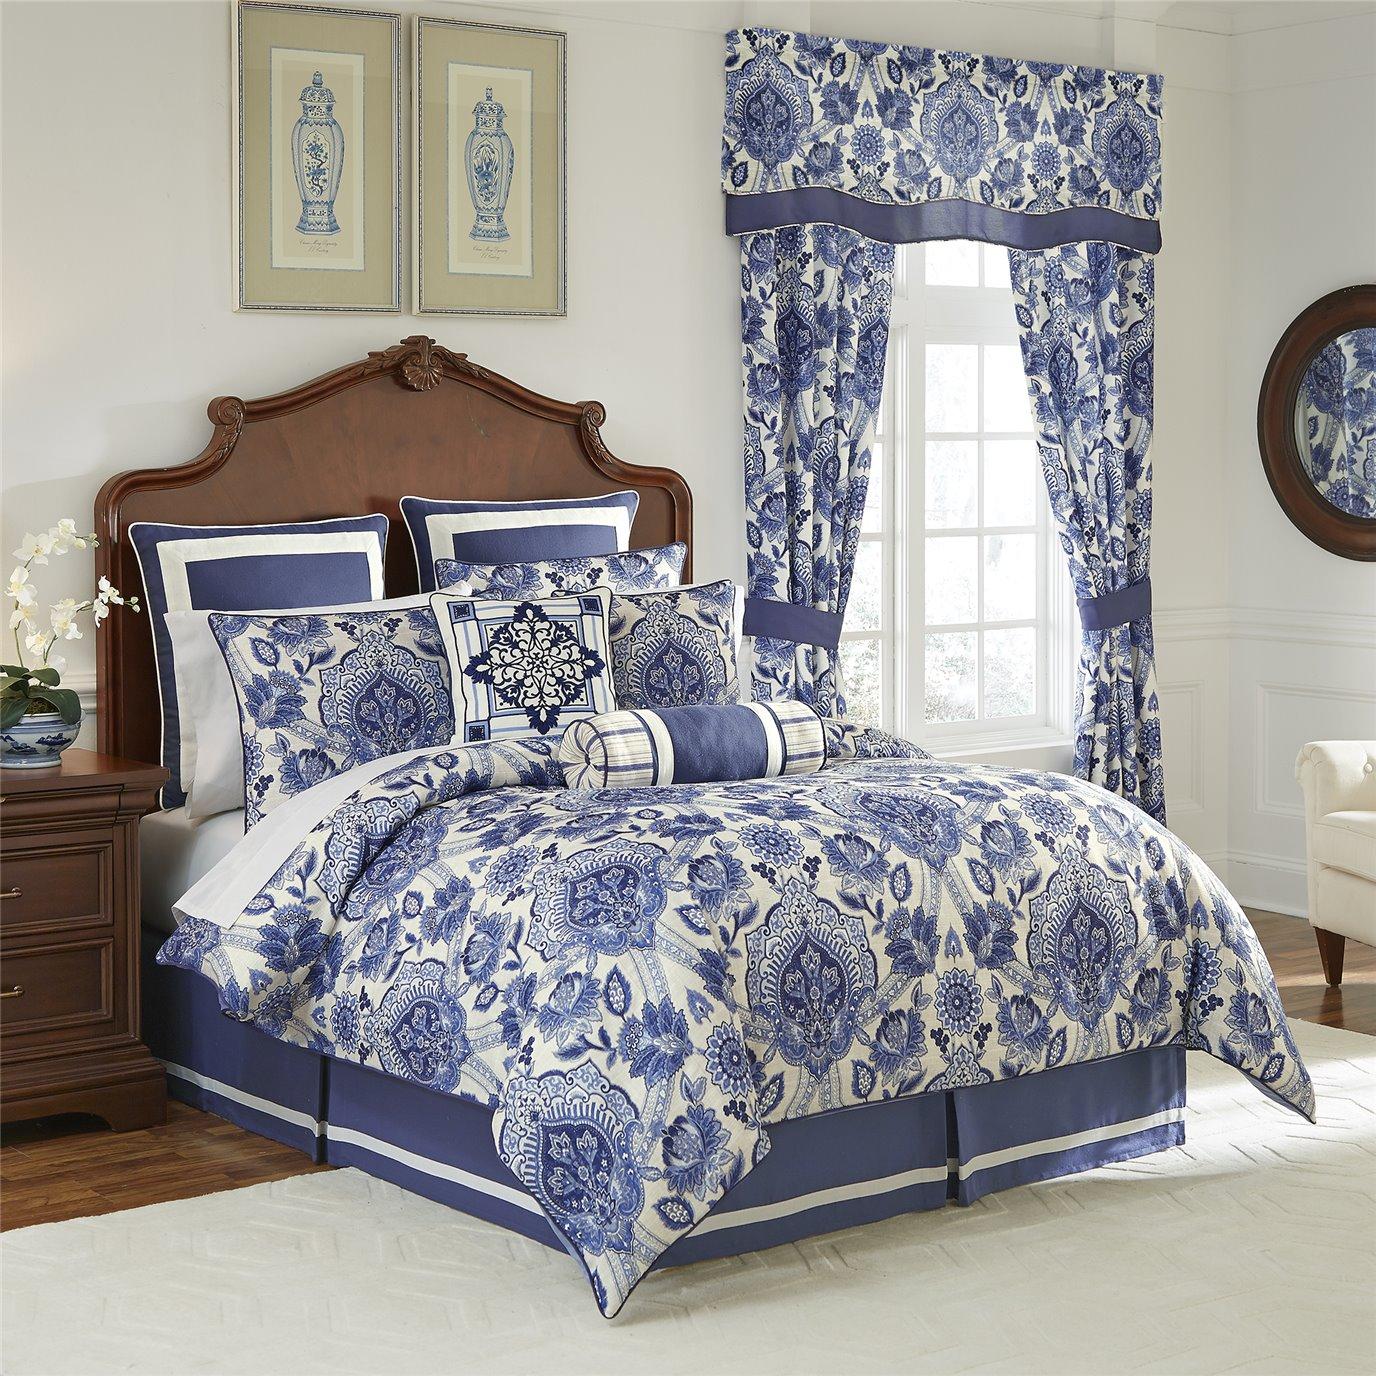 Leland Queen 4 Piece Comforter set